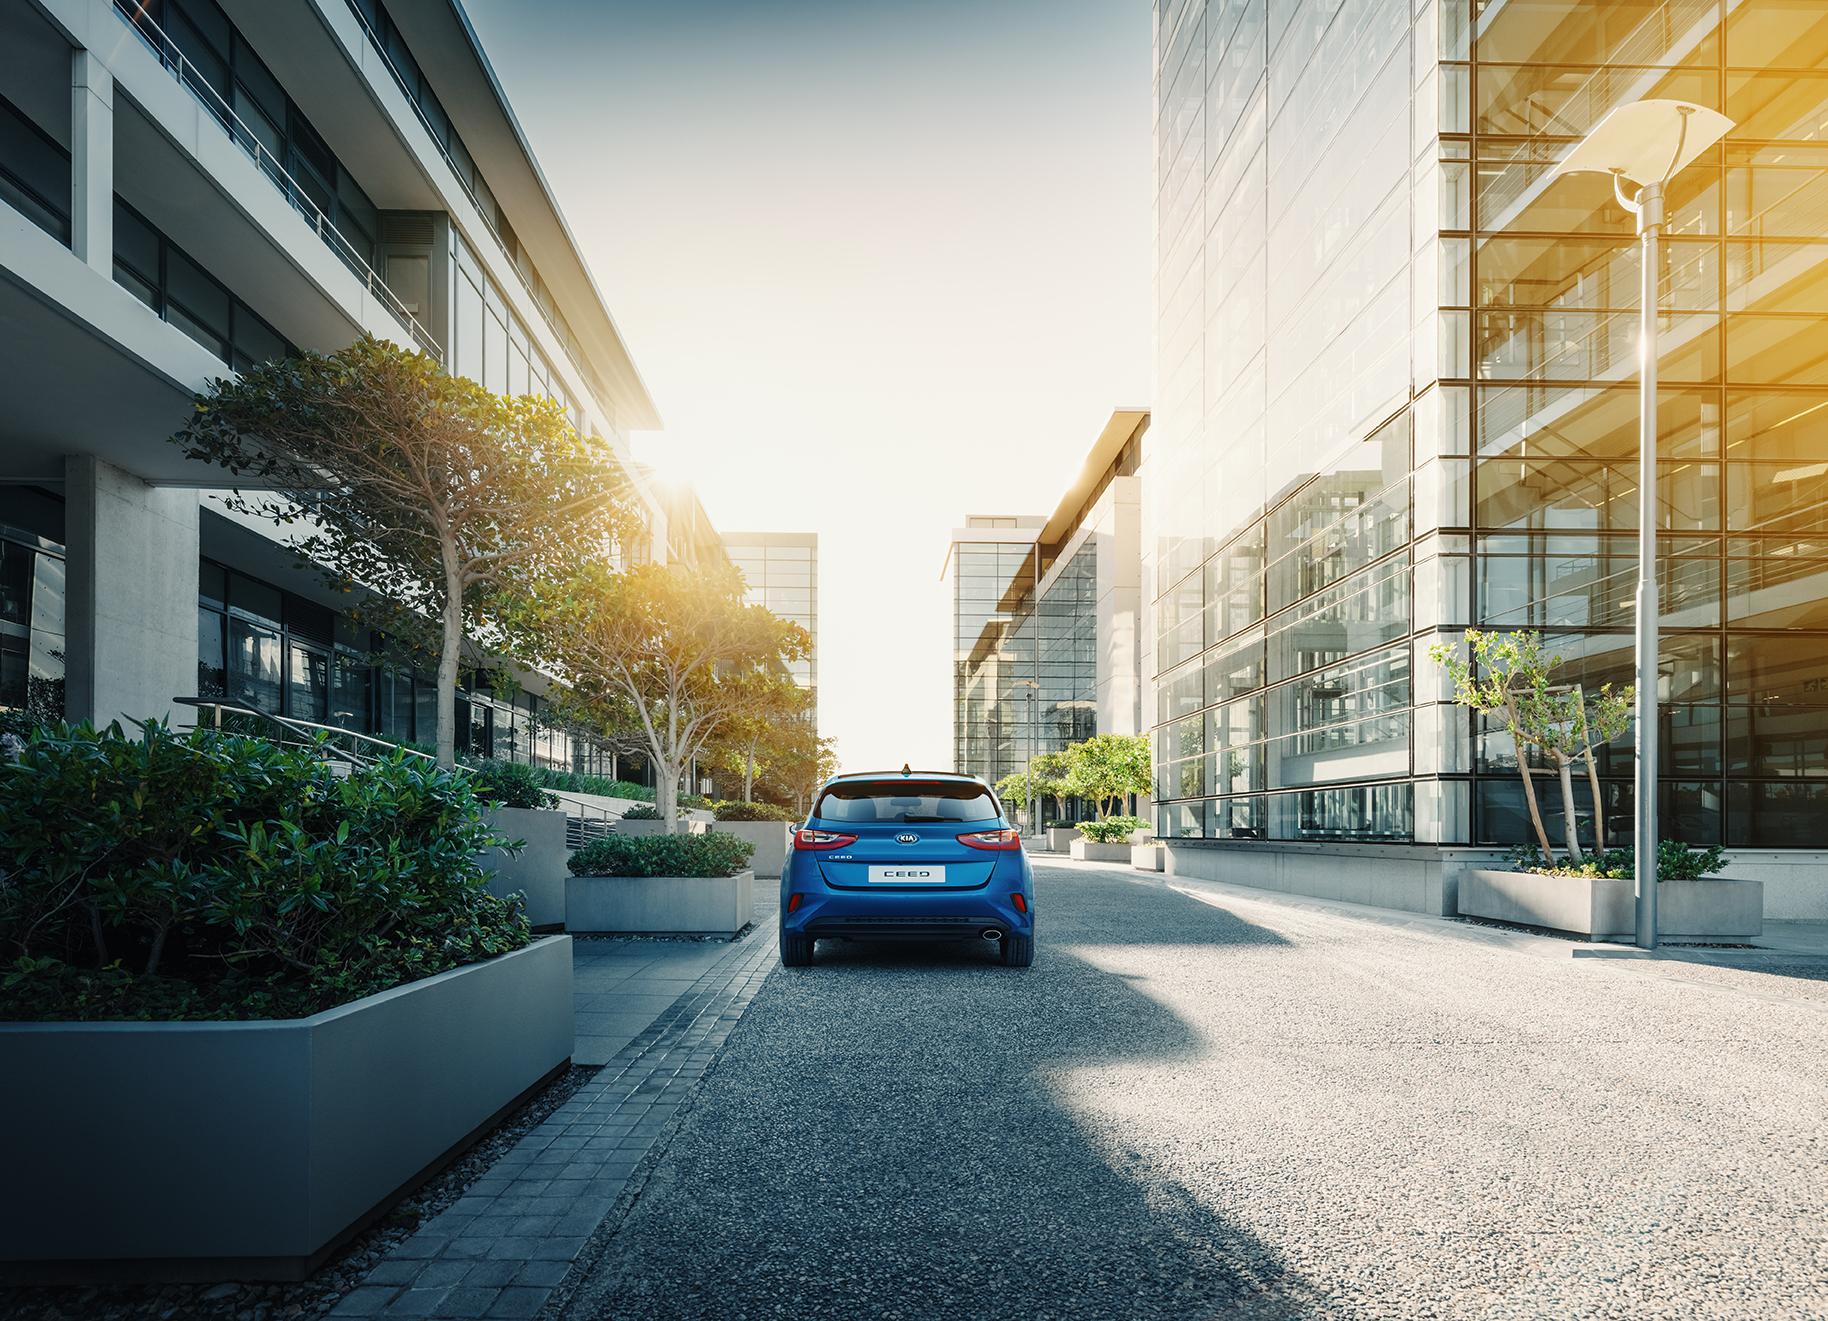 Kia Cee´d 2018 bei Auto Stahl Detail Heckansicht City Blau Straße